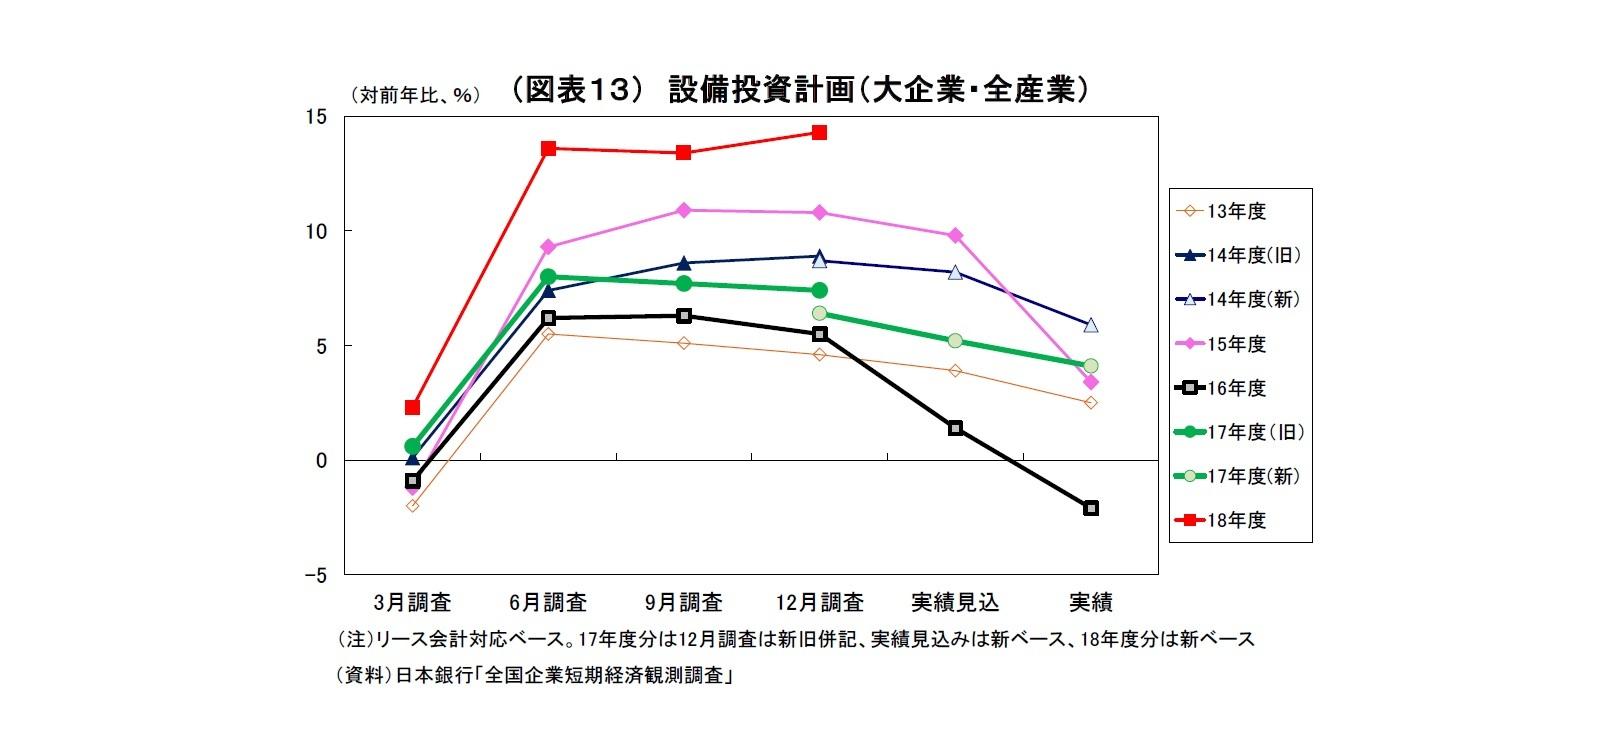 (図表13) 設備投資計画(大企業・全産業)